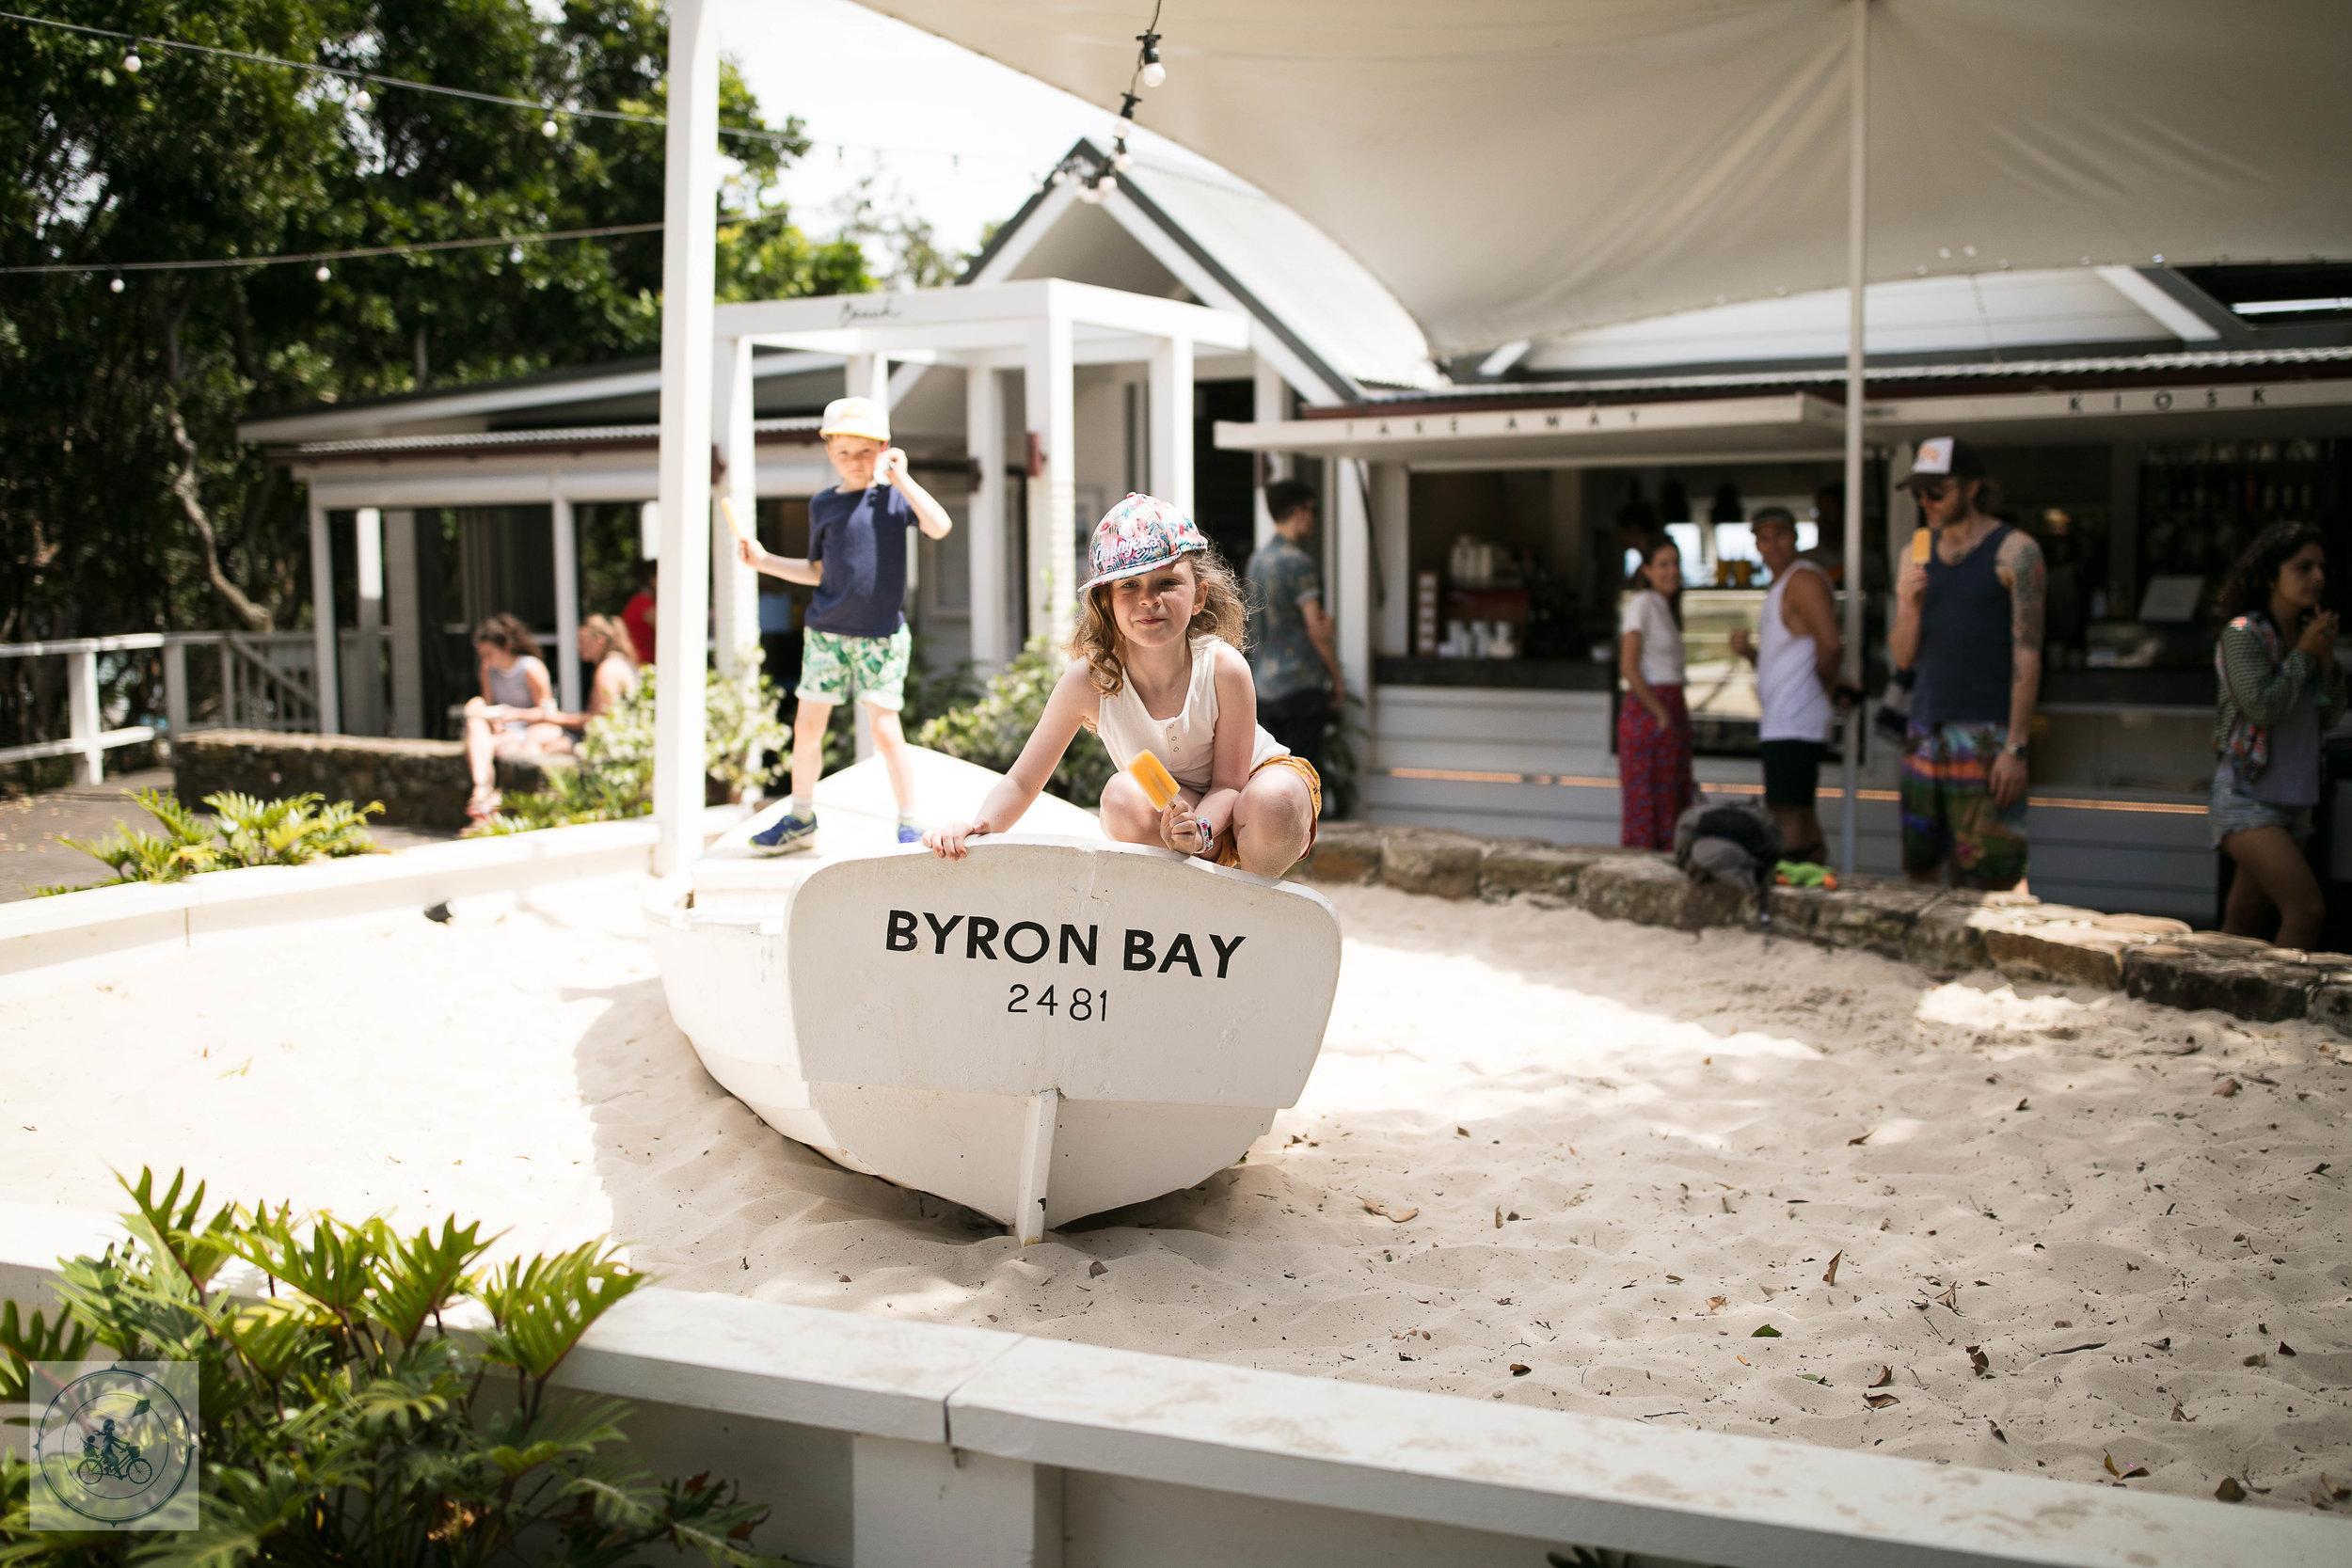 Beach Take Away Kiosk - Mamma Knows Byron